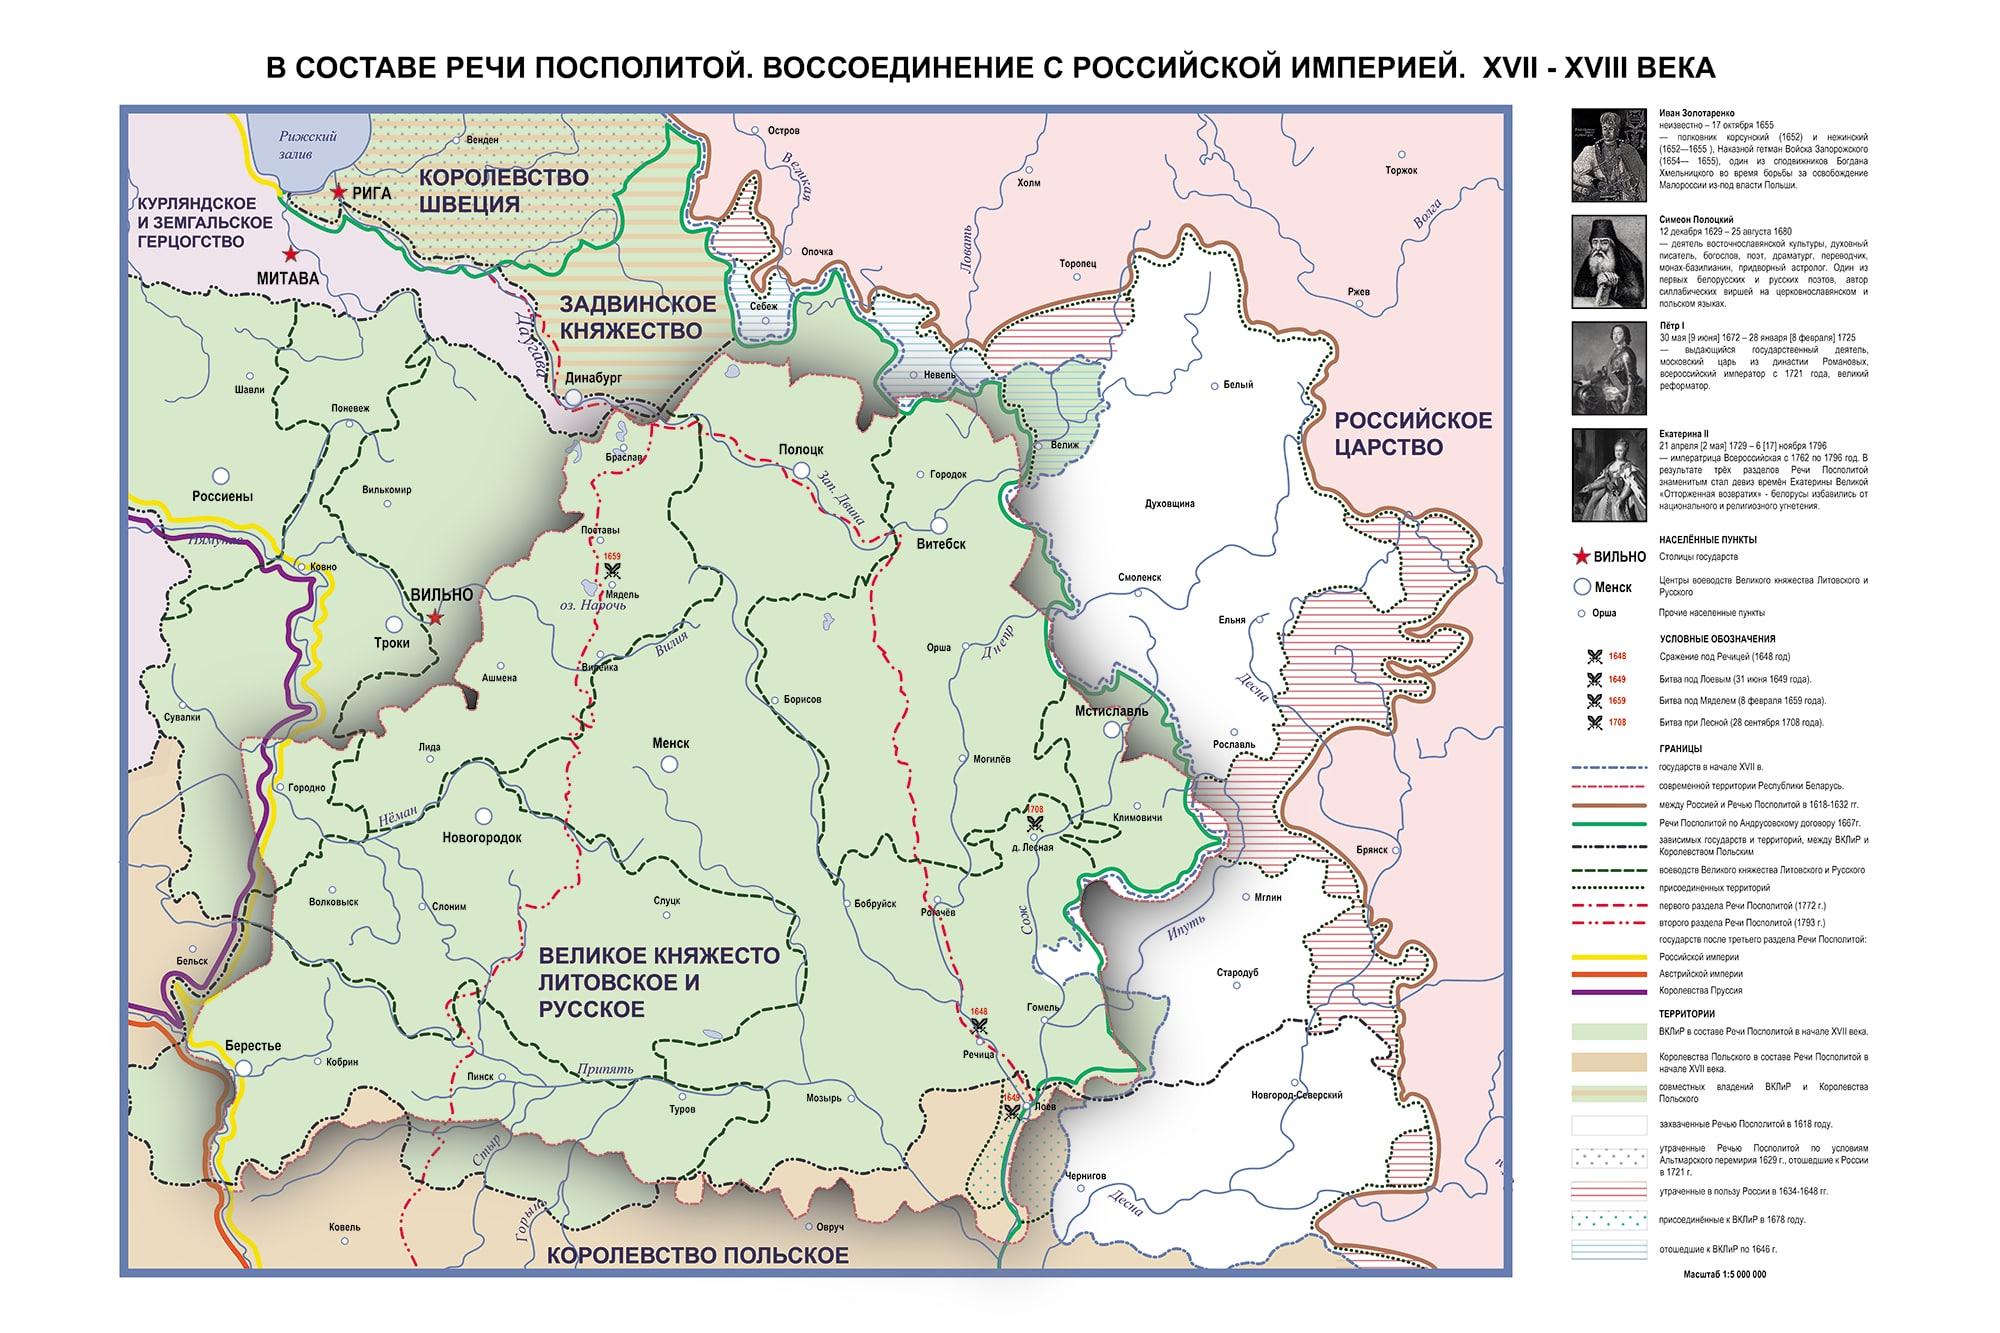 Карта «В составе Речи Посполитой. Воссоединение с Российской империей. XVII - XVIII в.в»